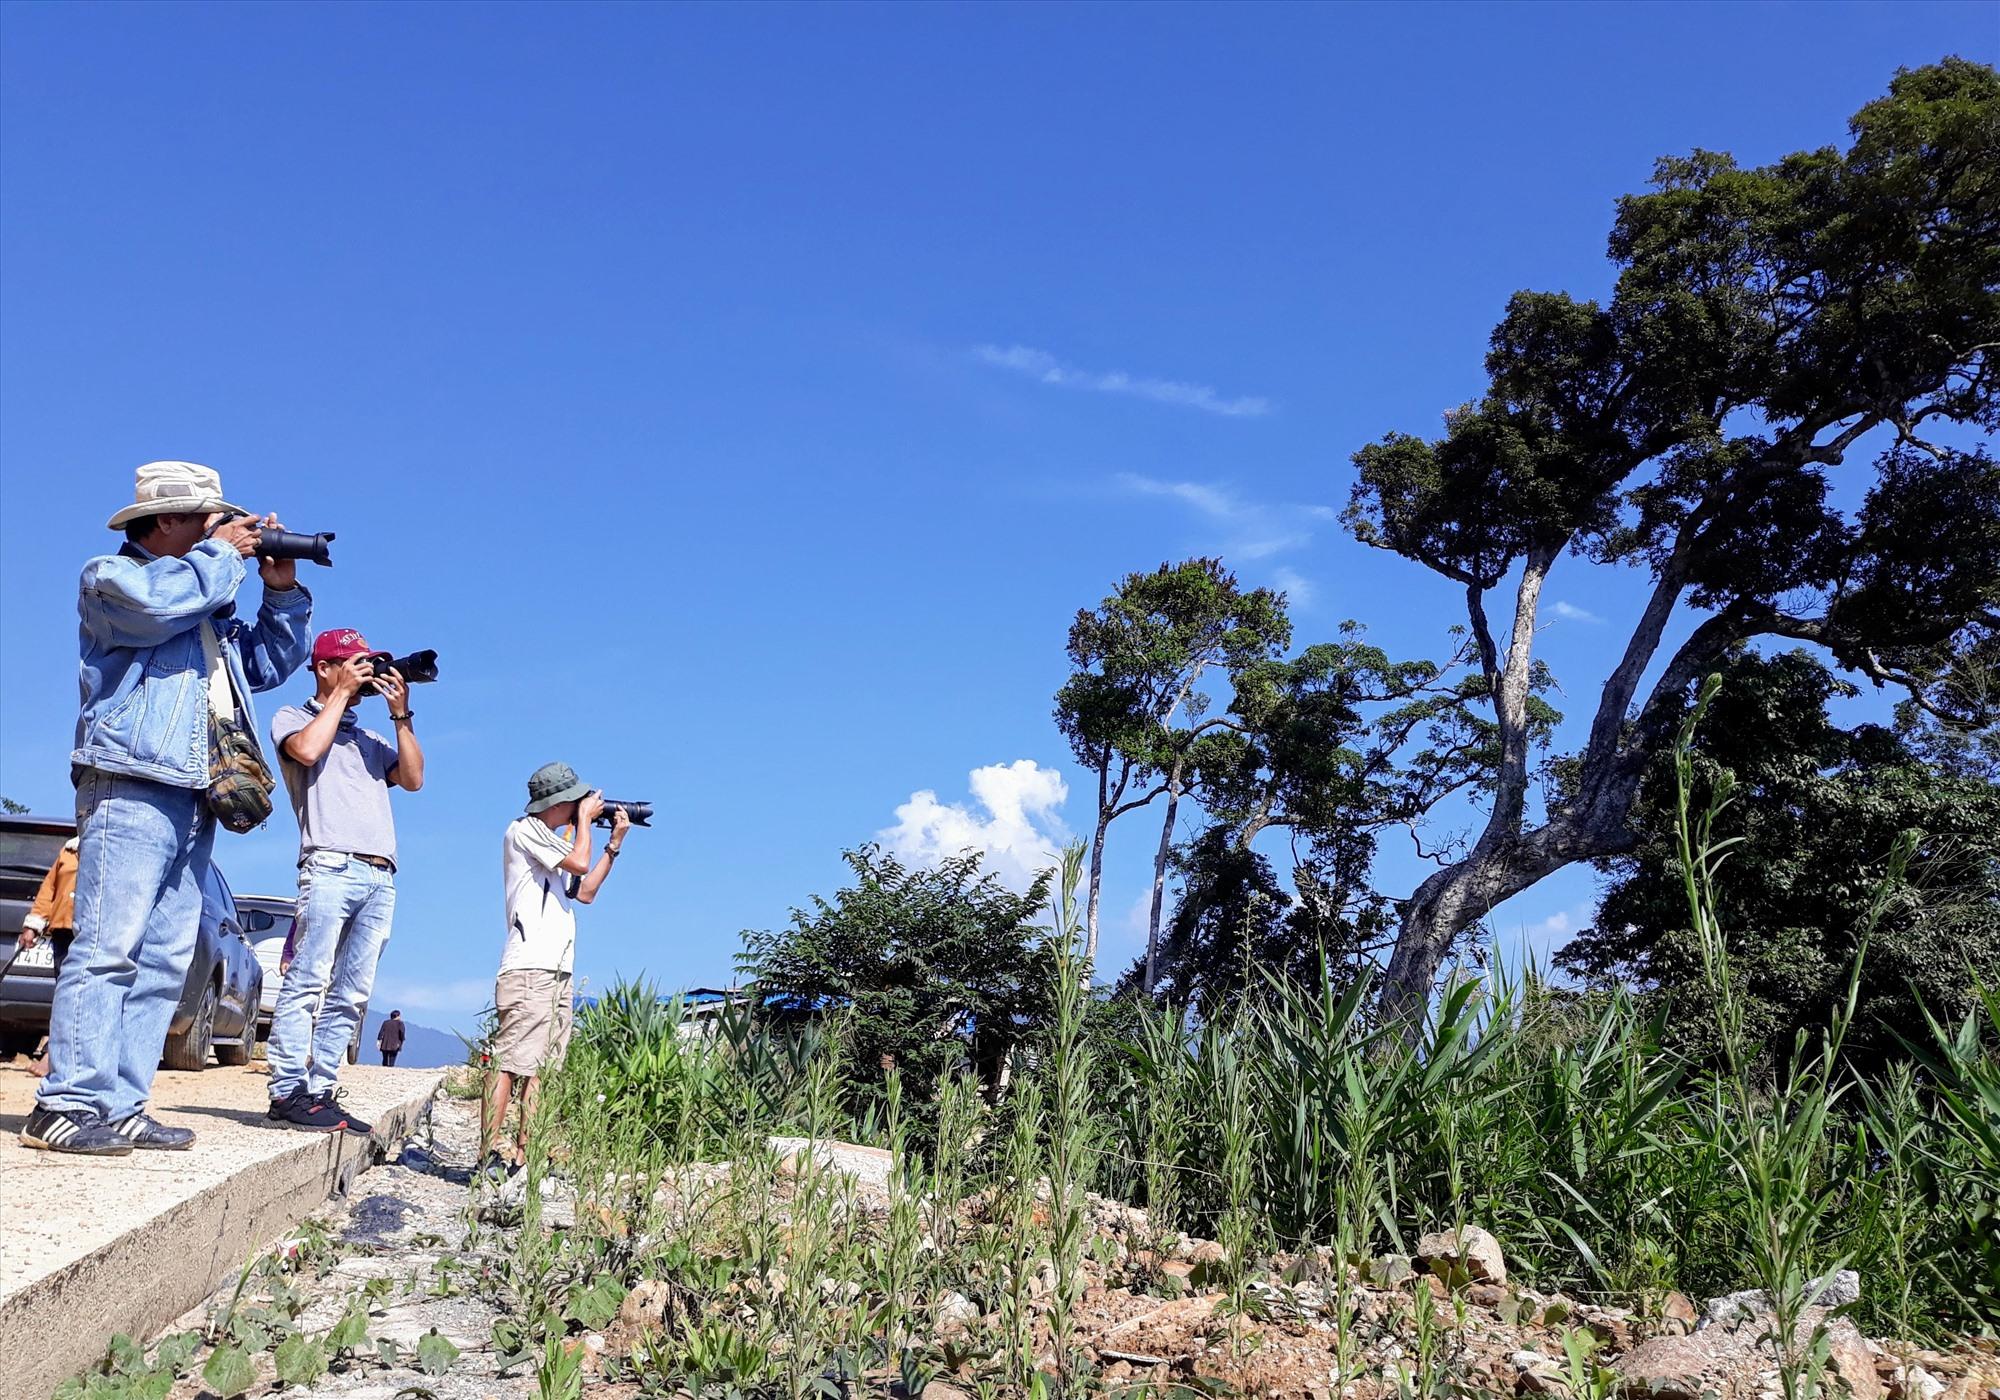 Các hội viên nhiếp ảnh tác nghiệp trong một đợt trại sáng tác chuyên đề ở huyện Nam Trà My. Ảnh: B.A